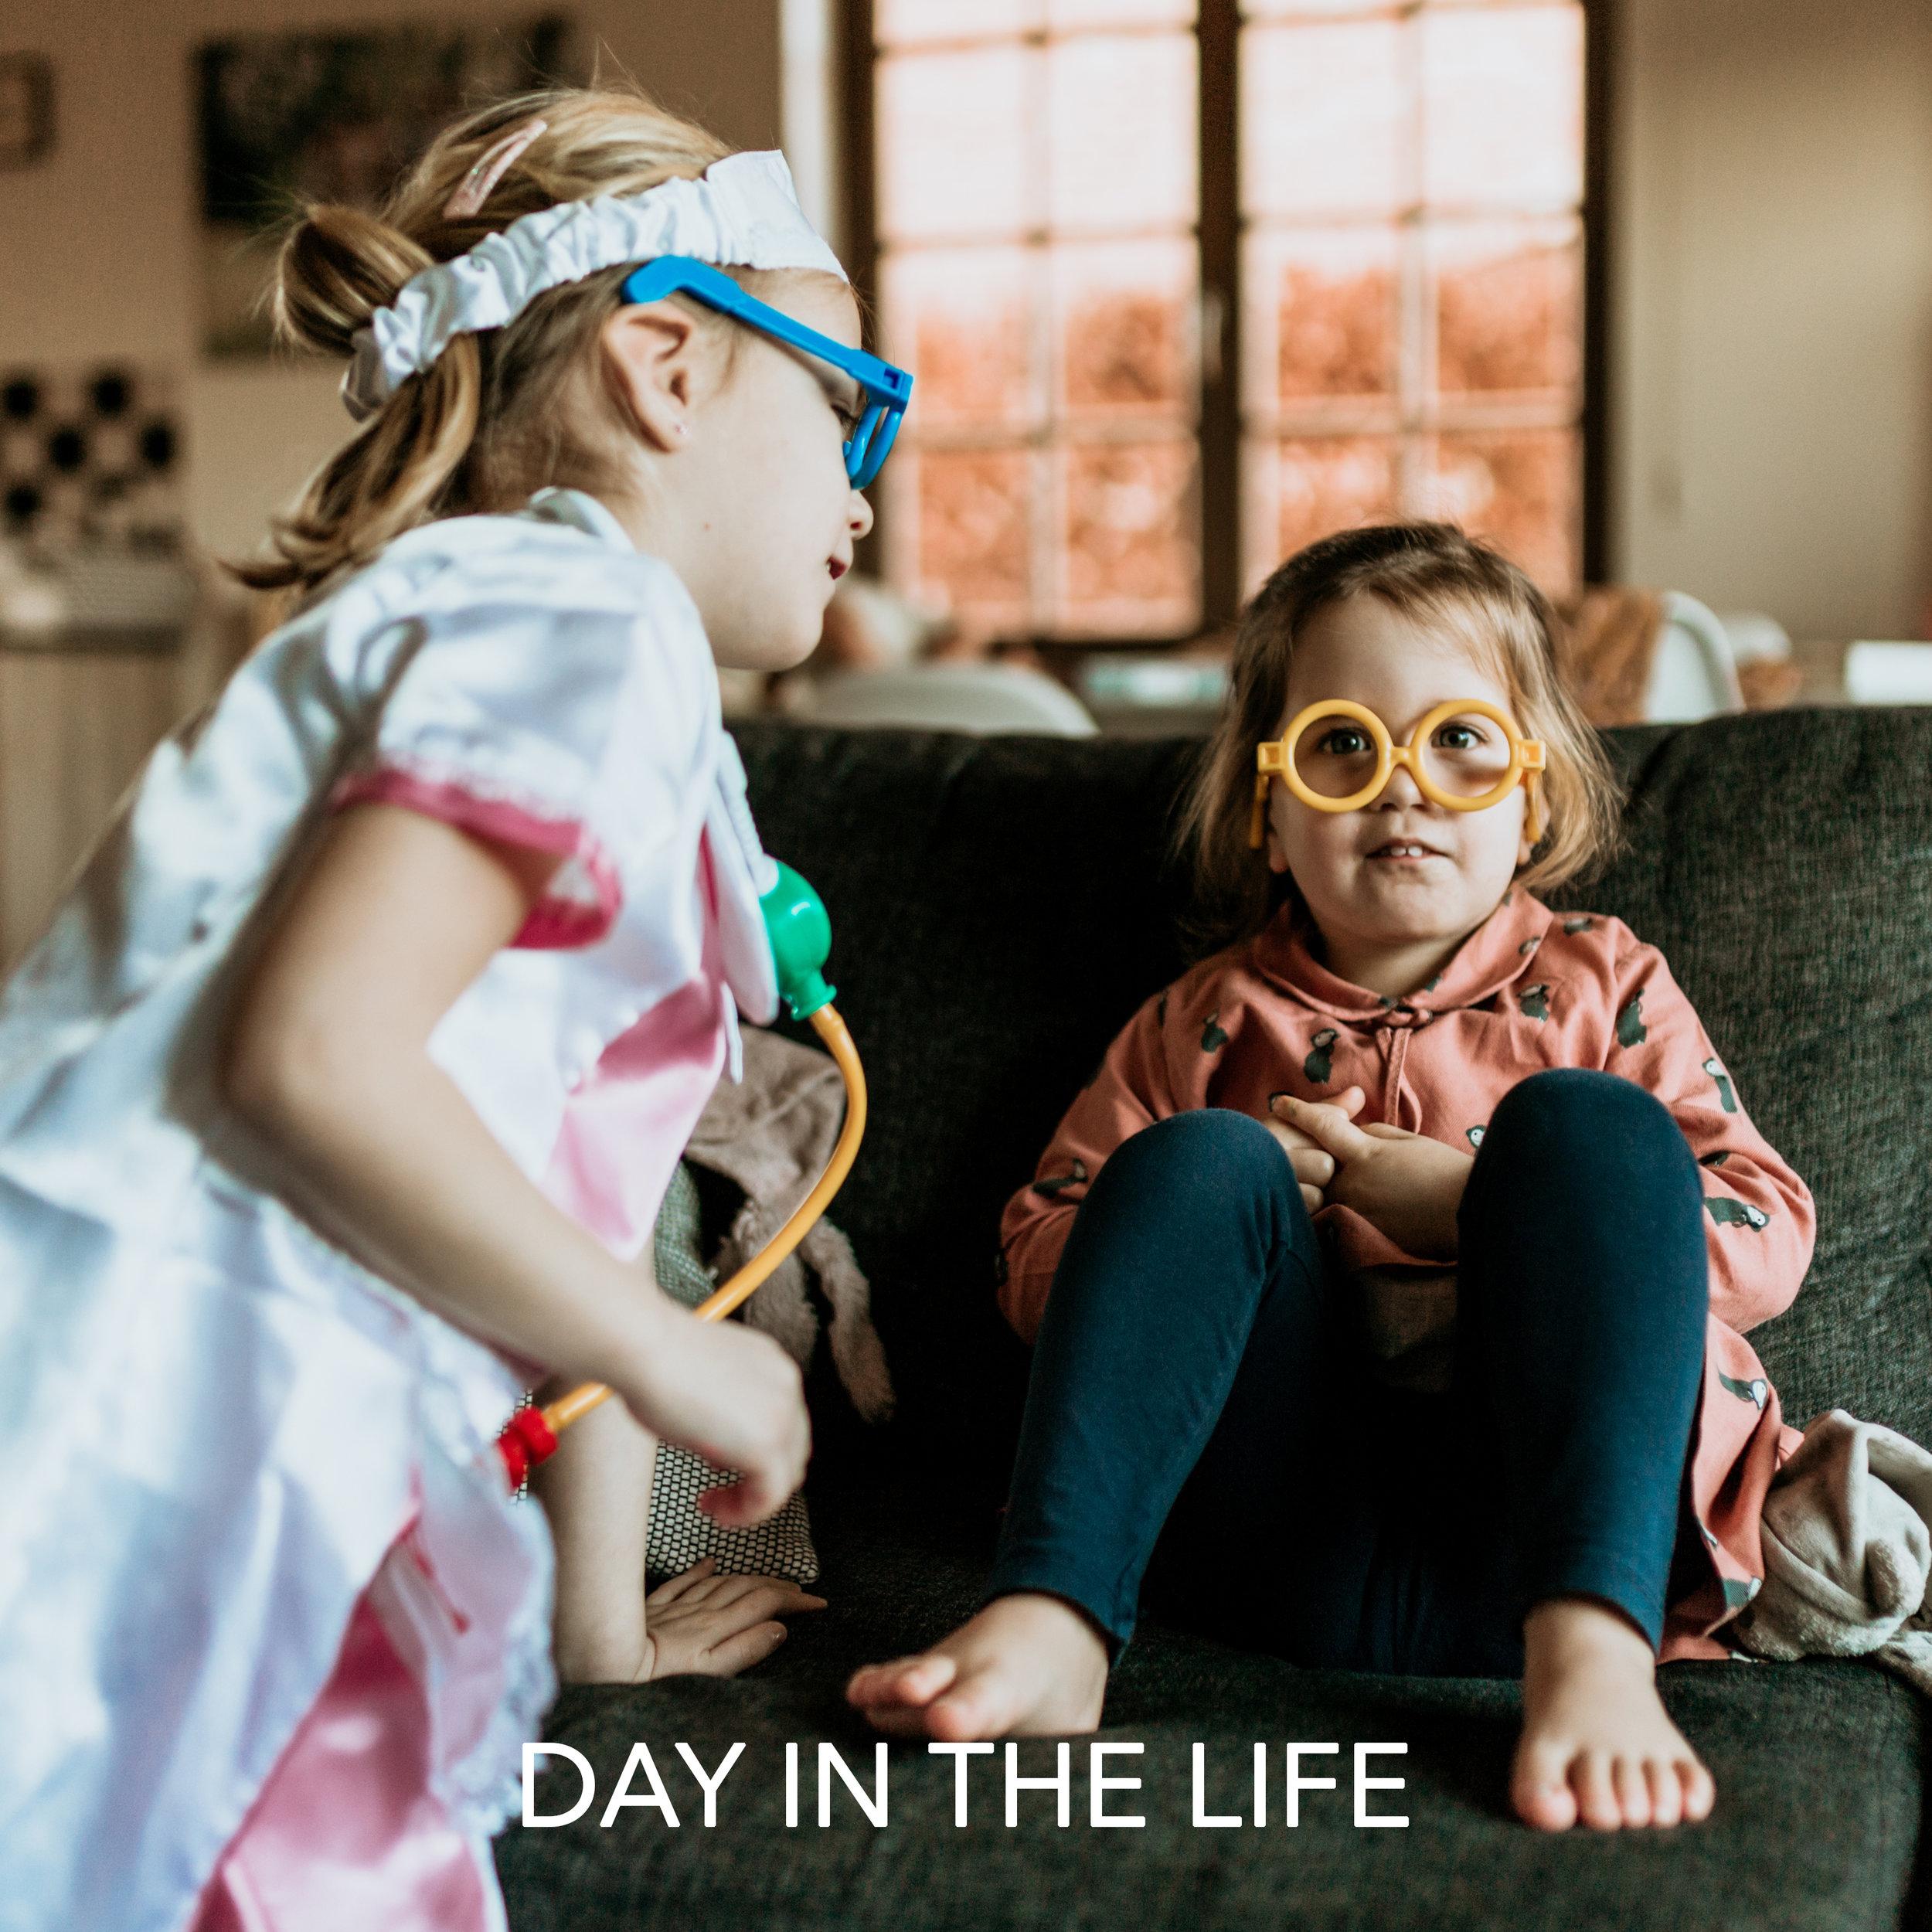 day-in-the-life-shoot-lisa-helsen-vorselaar-herentals-kempen